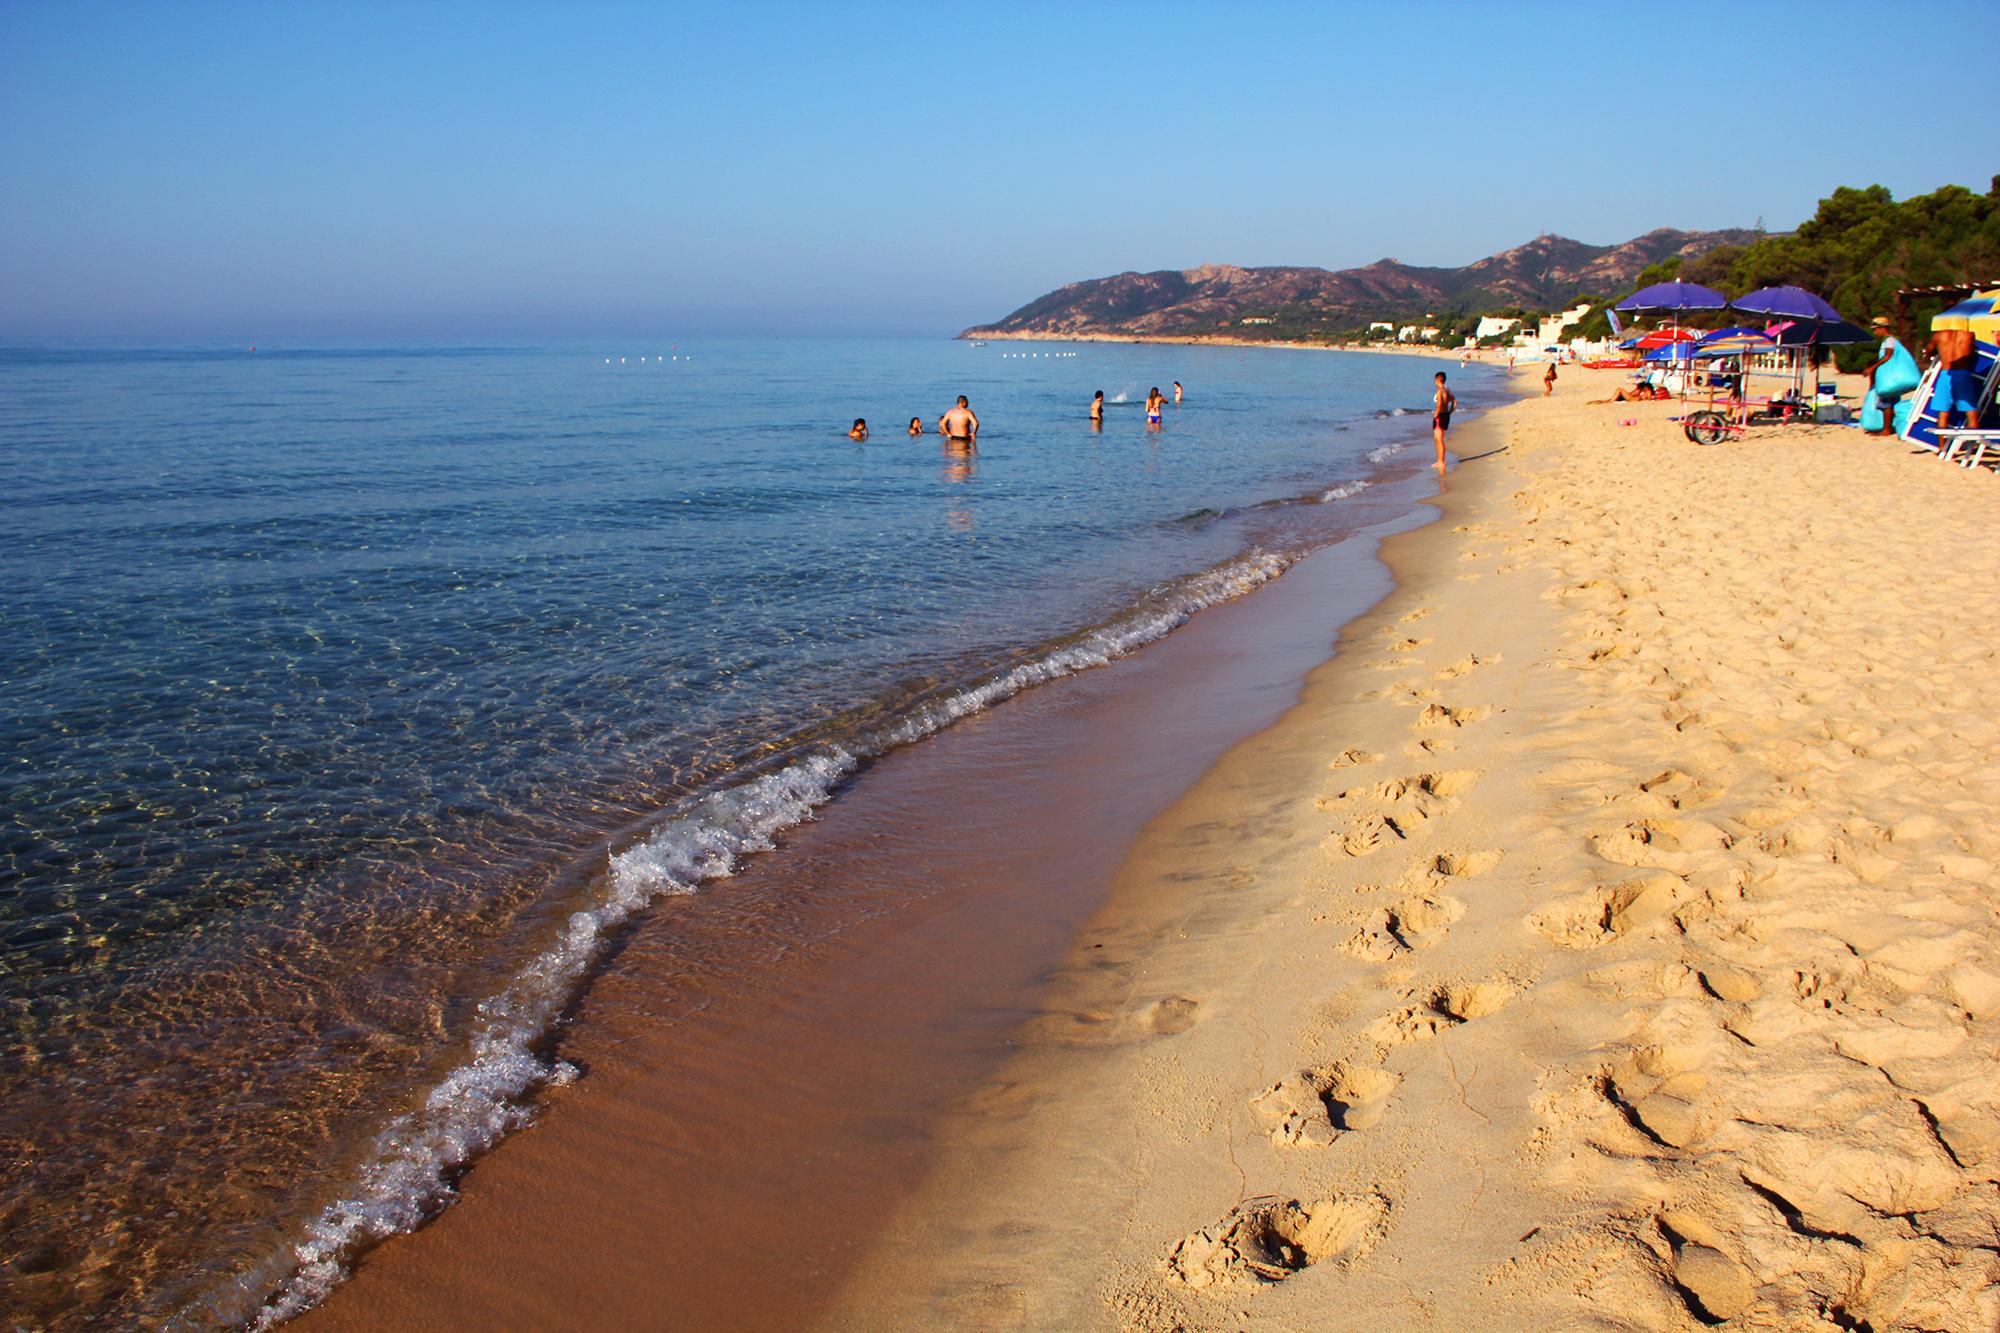 Spiaggia Abamar S. Margherita di pula al 38 Km